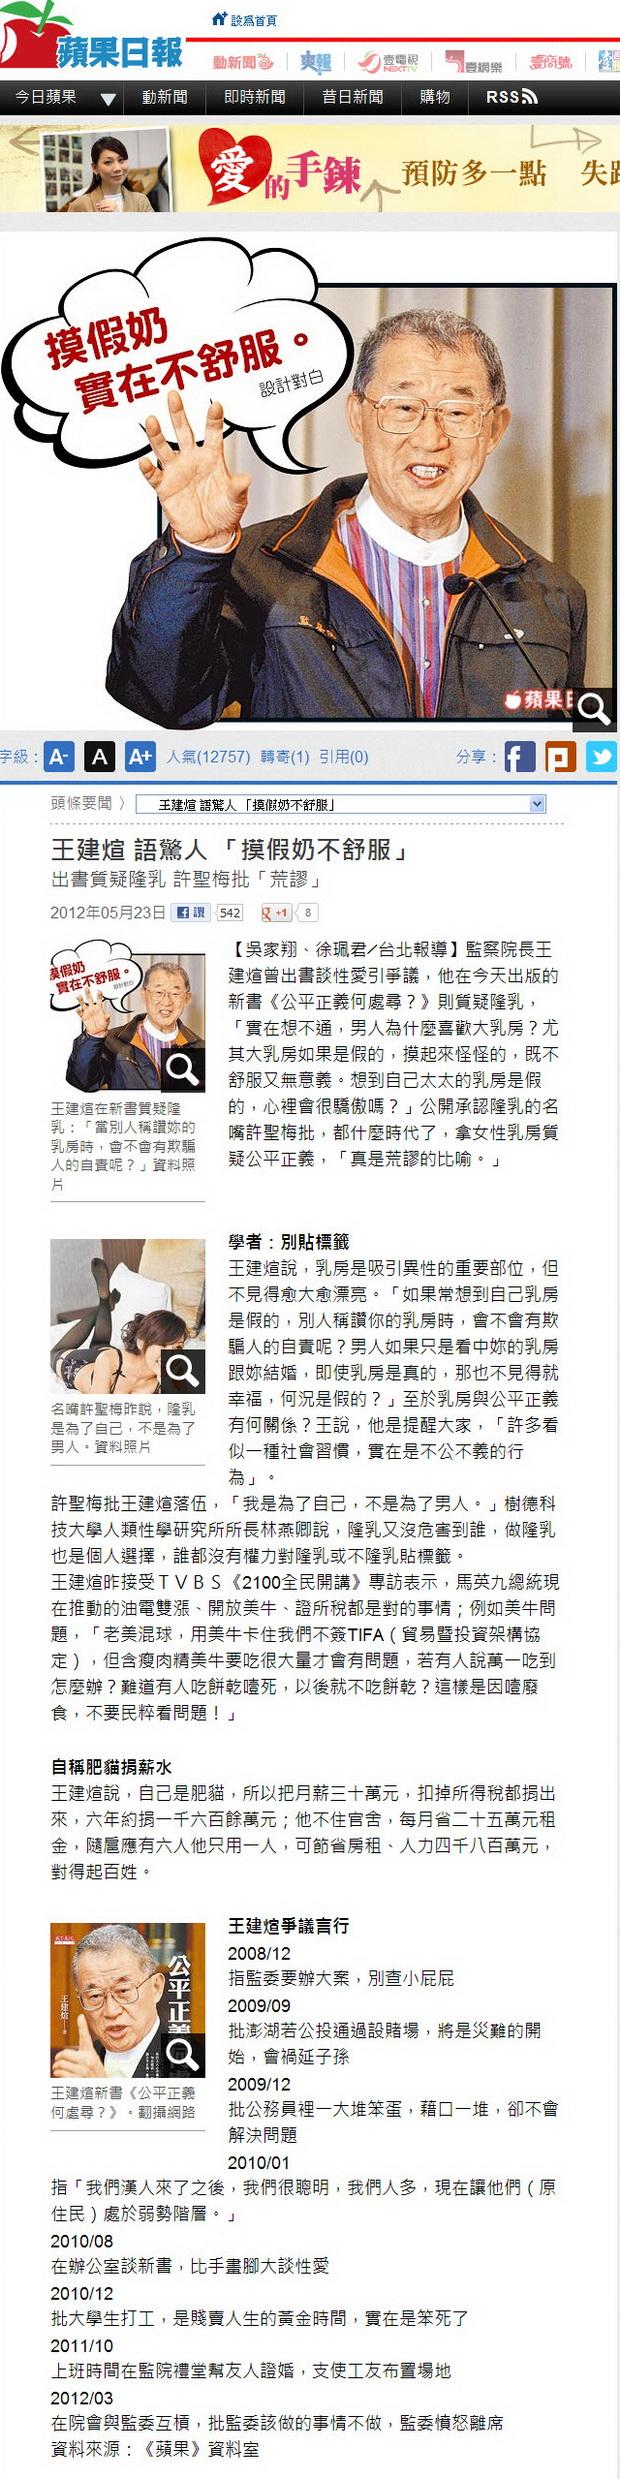 王建煊 語驚人 「摸假奶不舒服」-2012.05.23-01